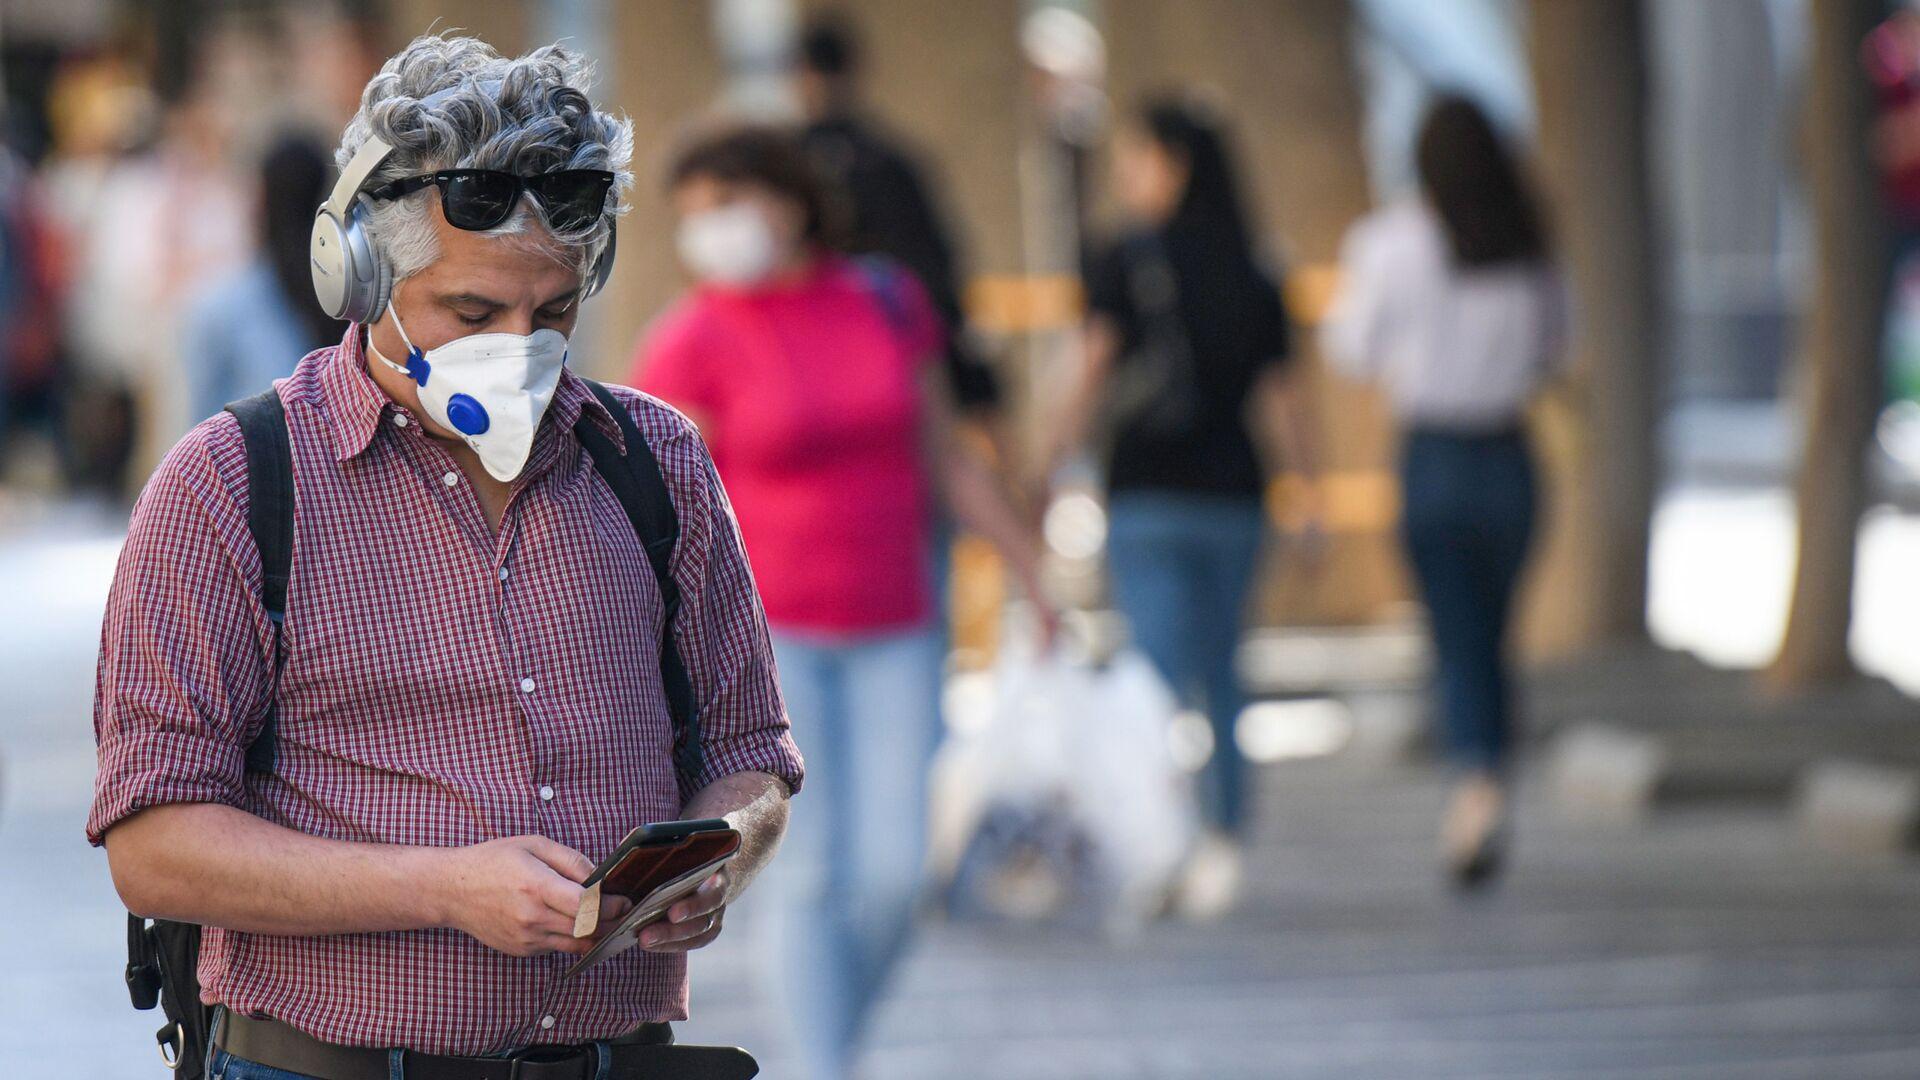 Мужчина в респираторе из-за пандемии COVID 19 в Баку Азербайдджан - Sputnik Грузия, 1920, 08.10.2021